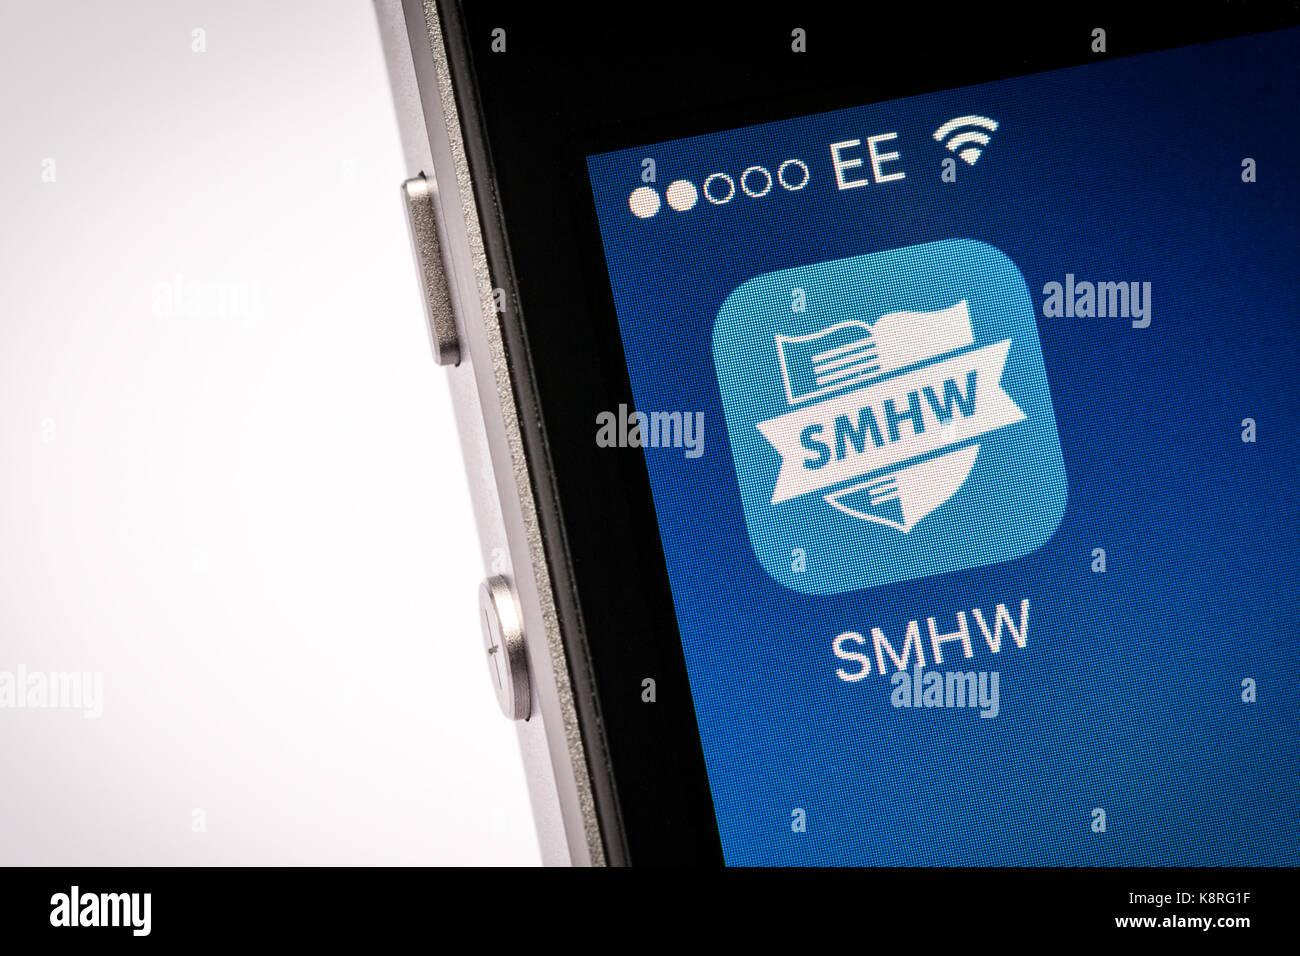 Mostrar mi trabajo a domicilio SMHW app en un teléfono móvil iPhone Imagen De Stock